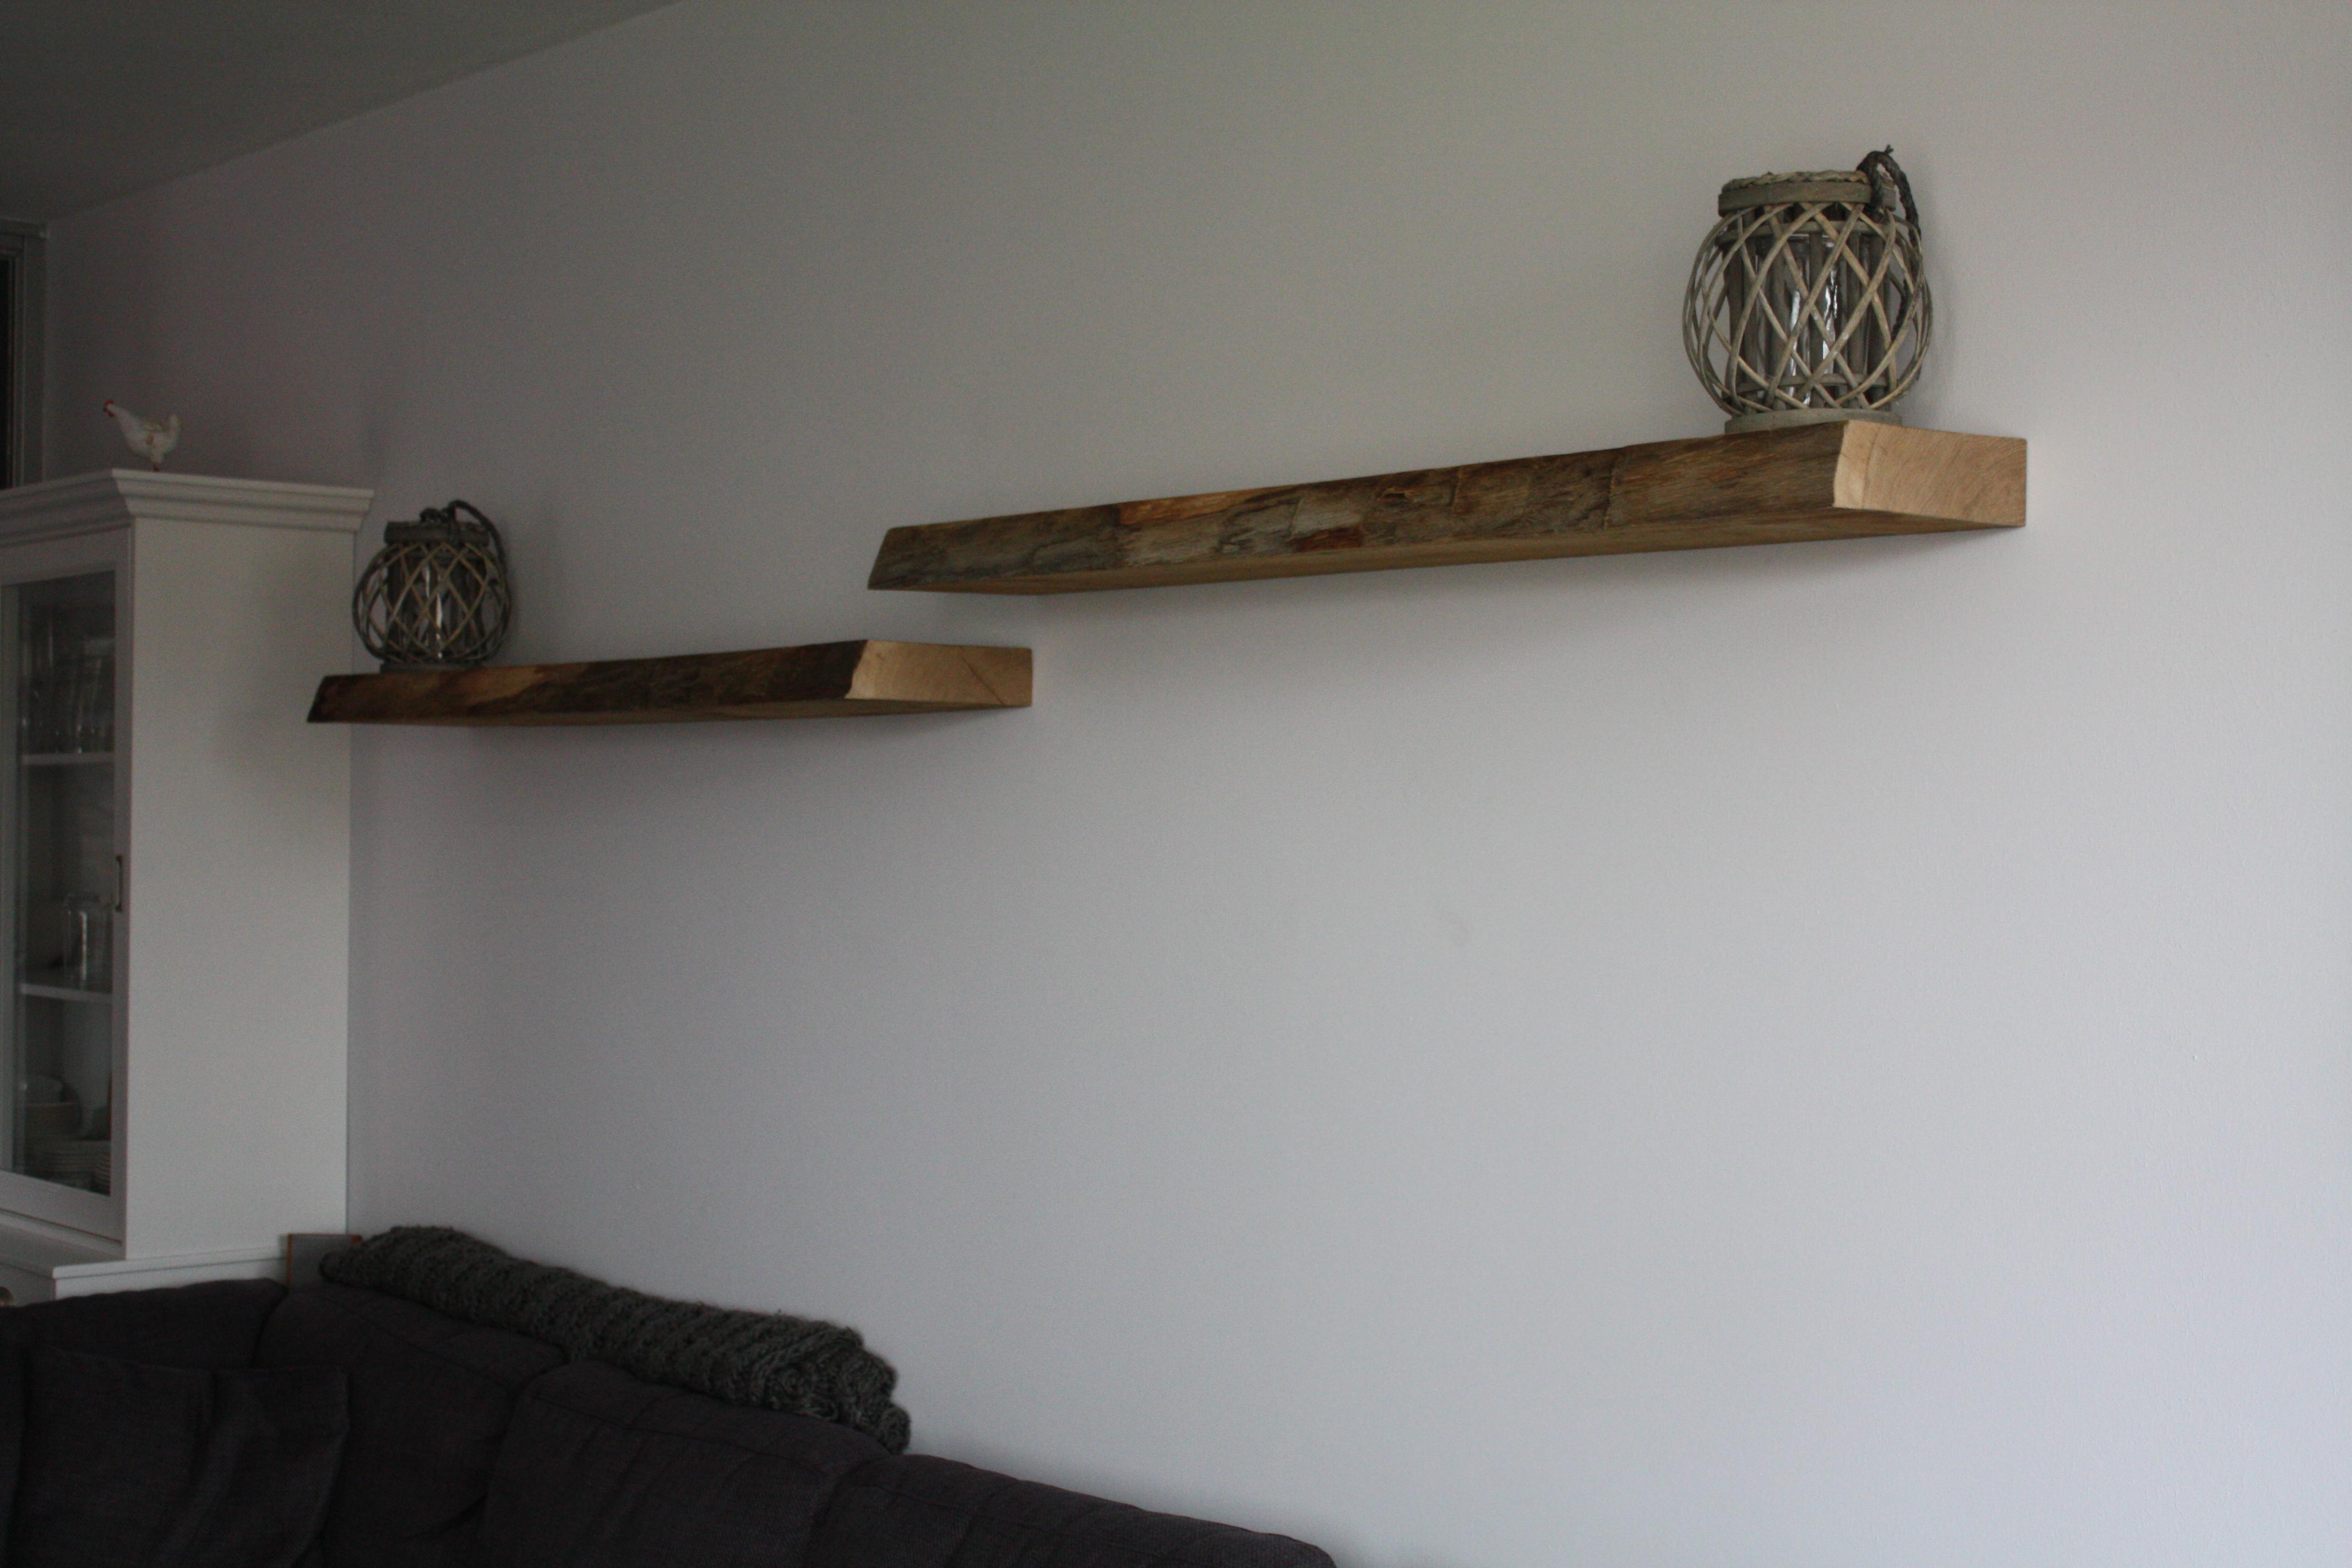 Houten Plank Voor Aan De Muur.Eiken Houten Planken Muur Houten Planken Houtmateriaal Dehands Be